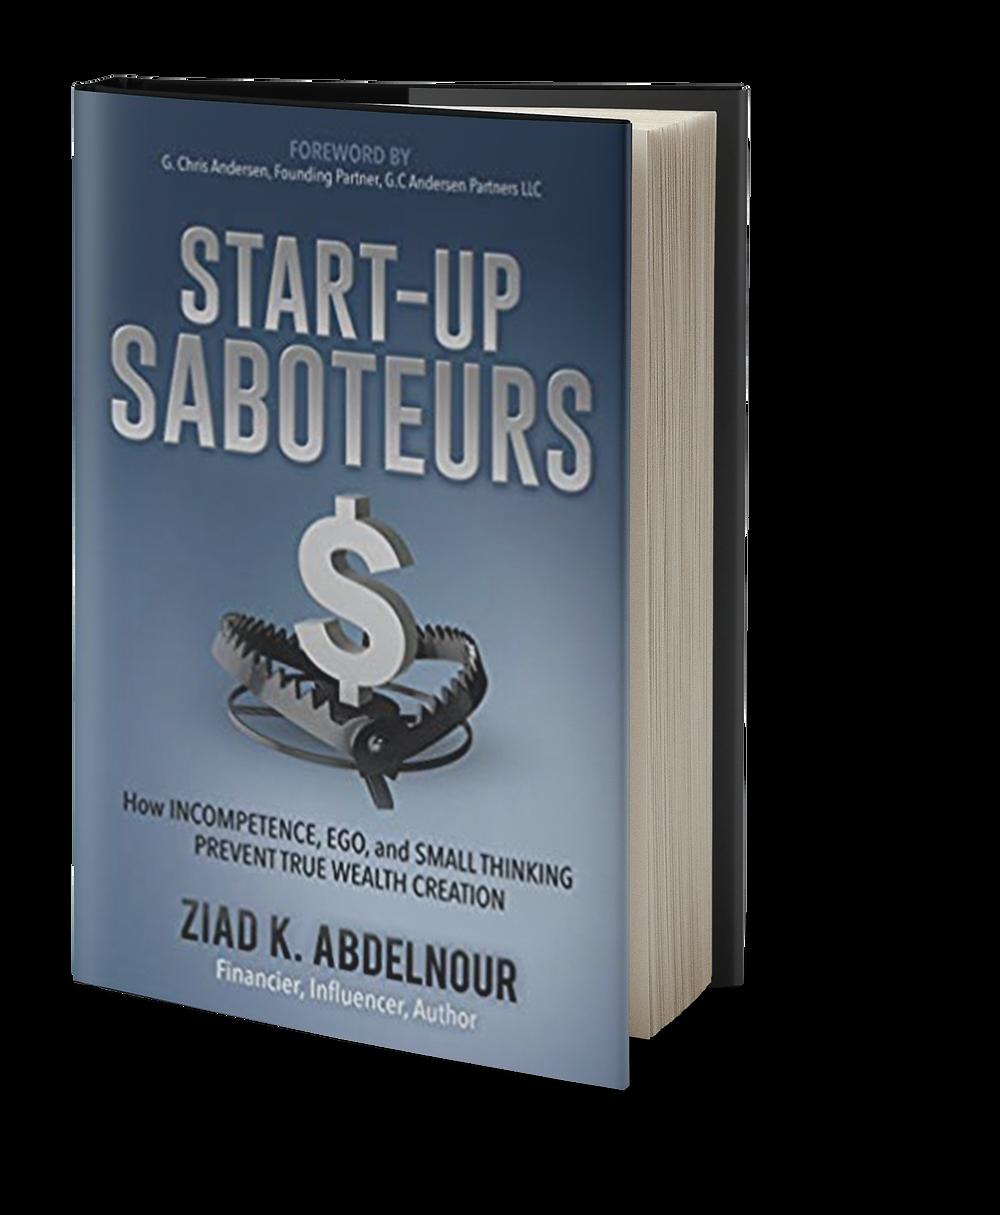 Start-Up Saboteurs book